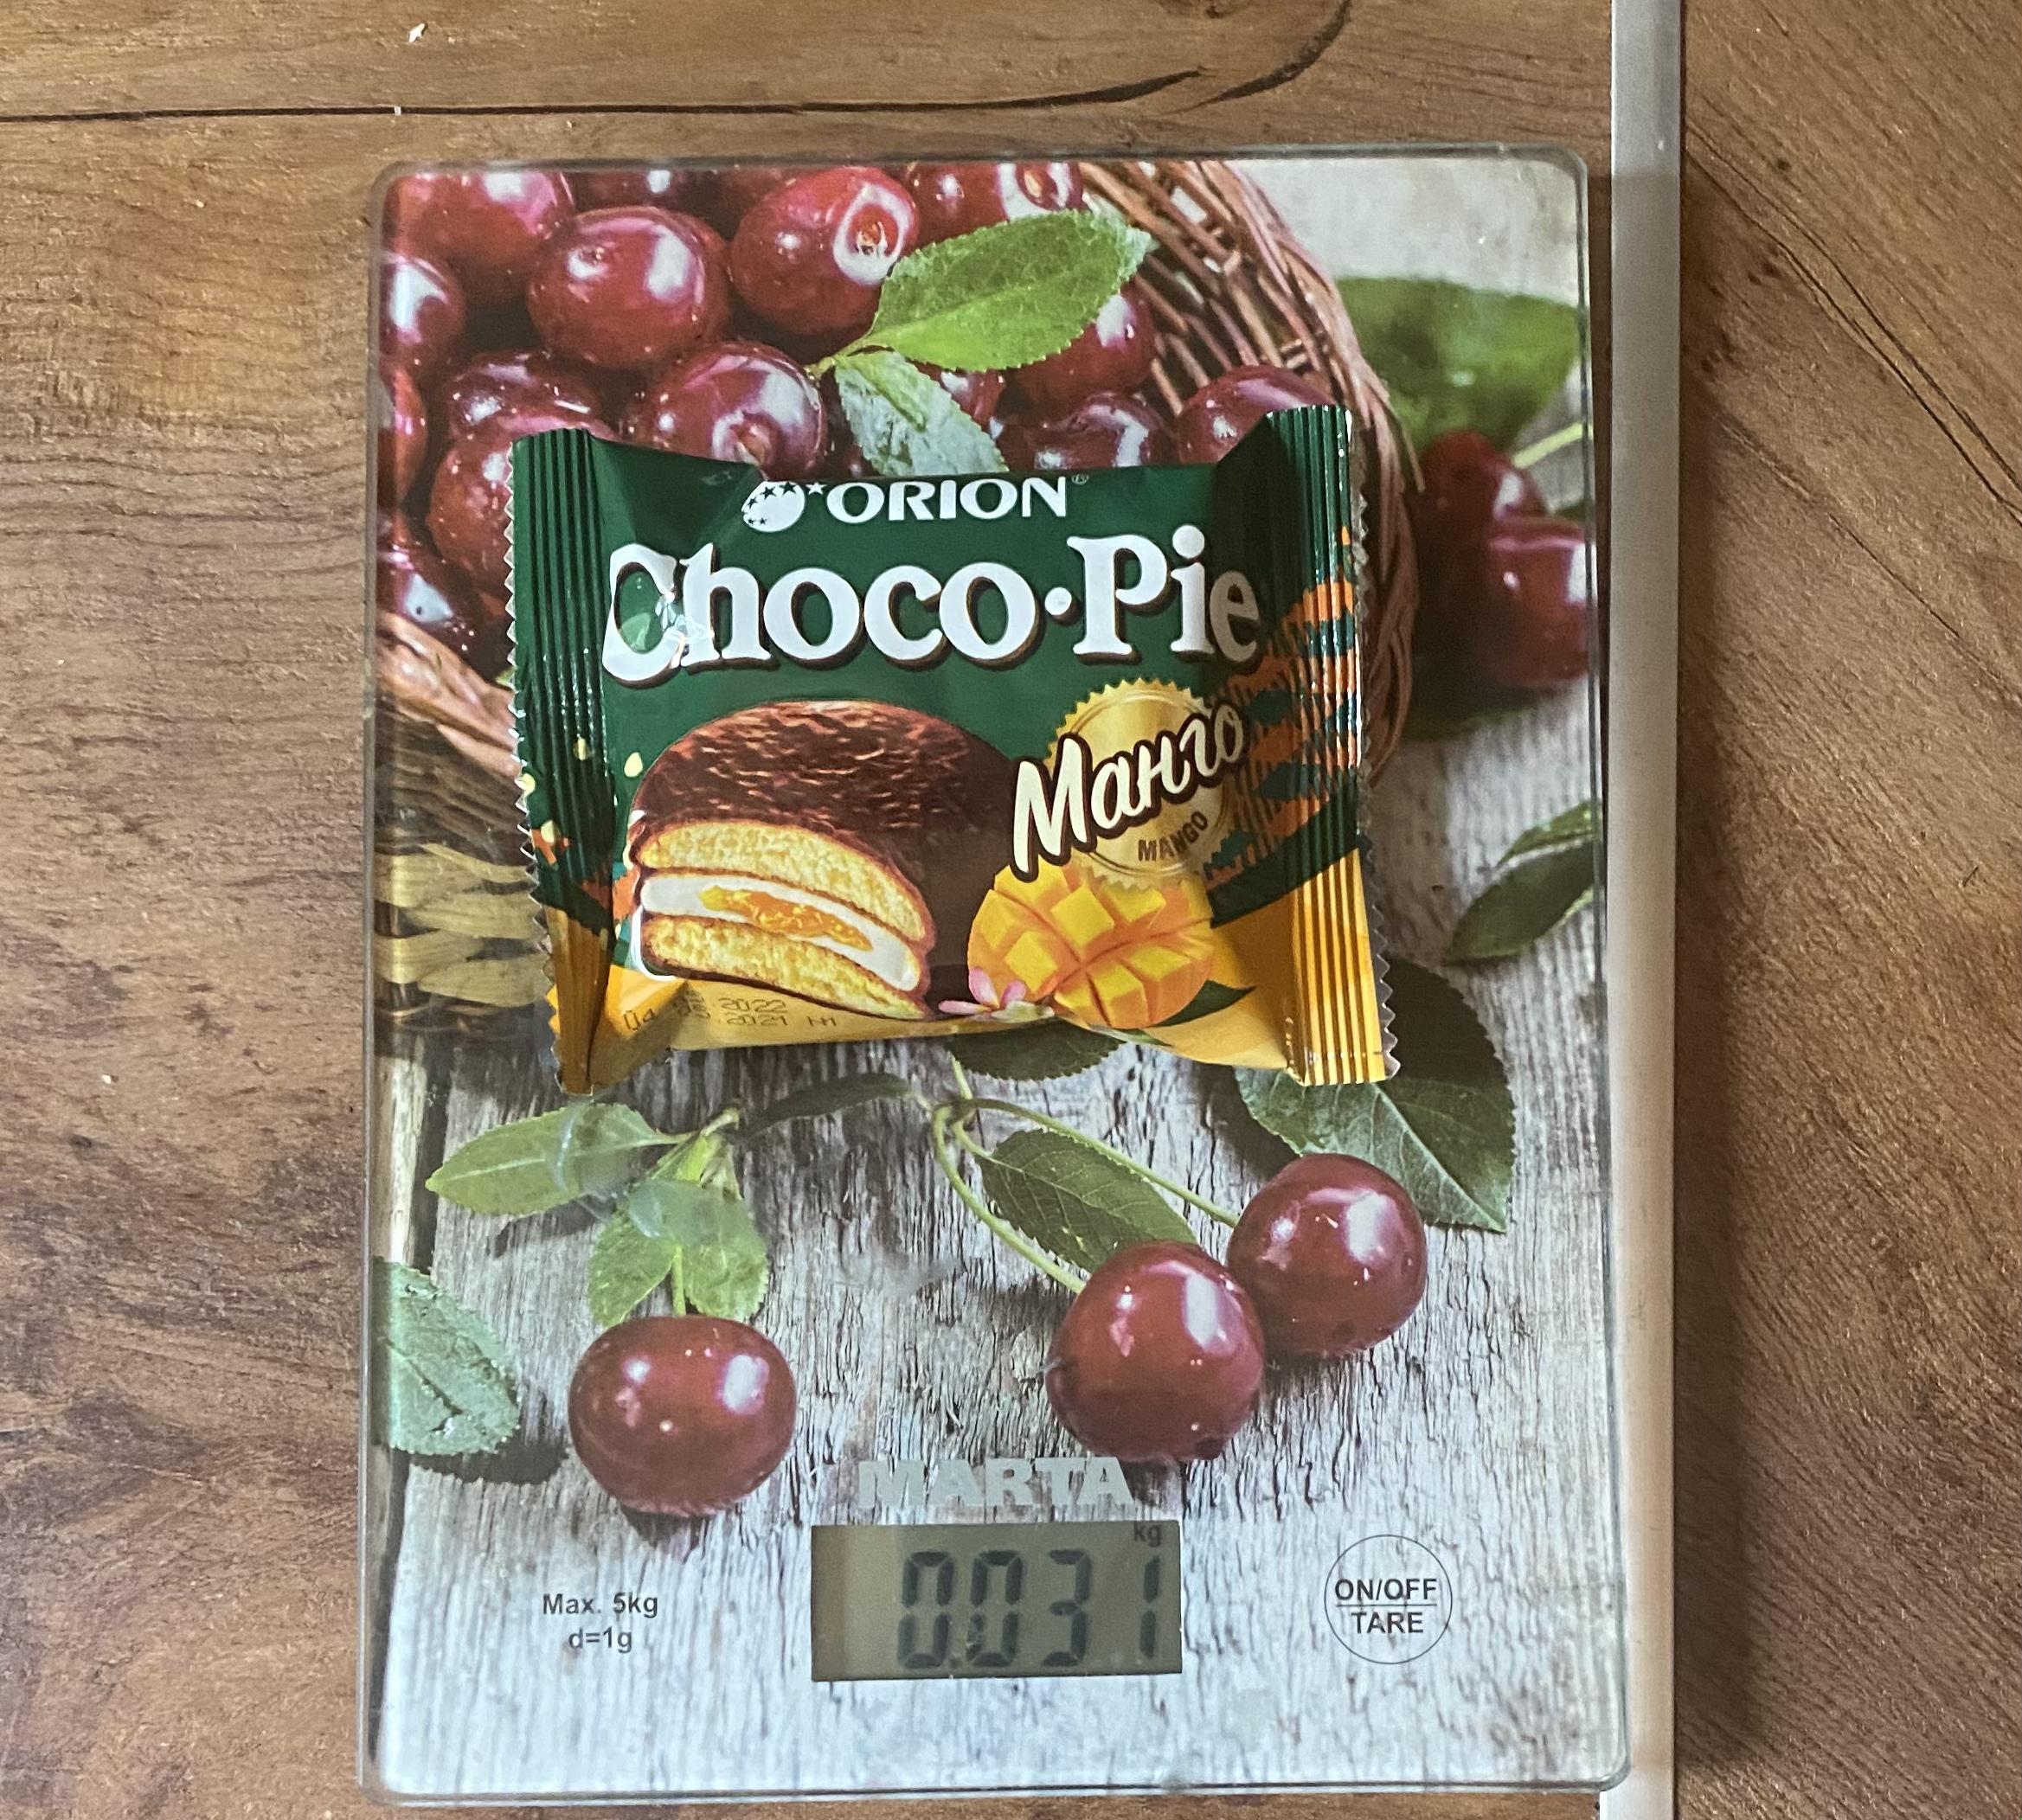 вес пирожного Чоко пай с манго 1 шт